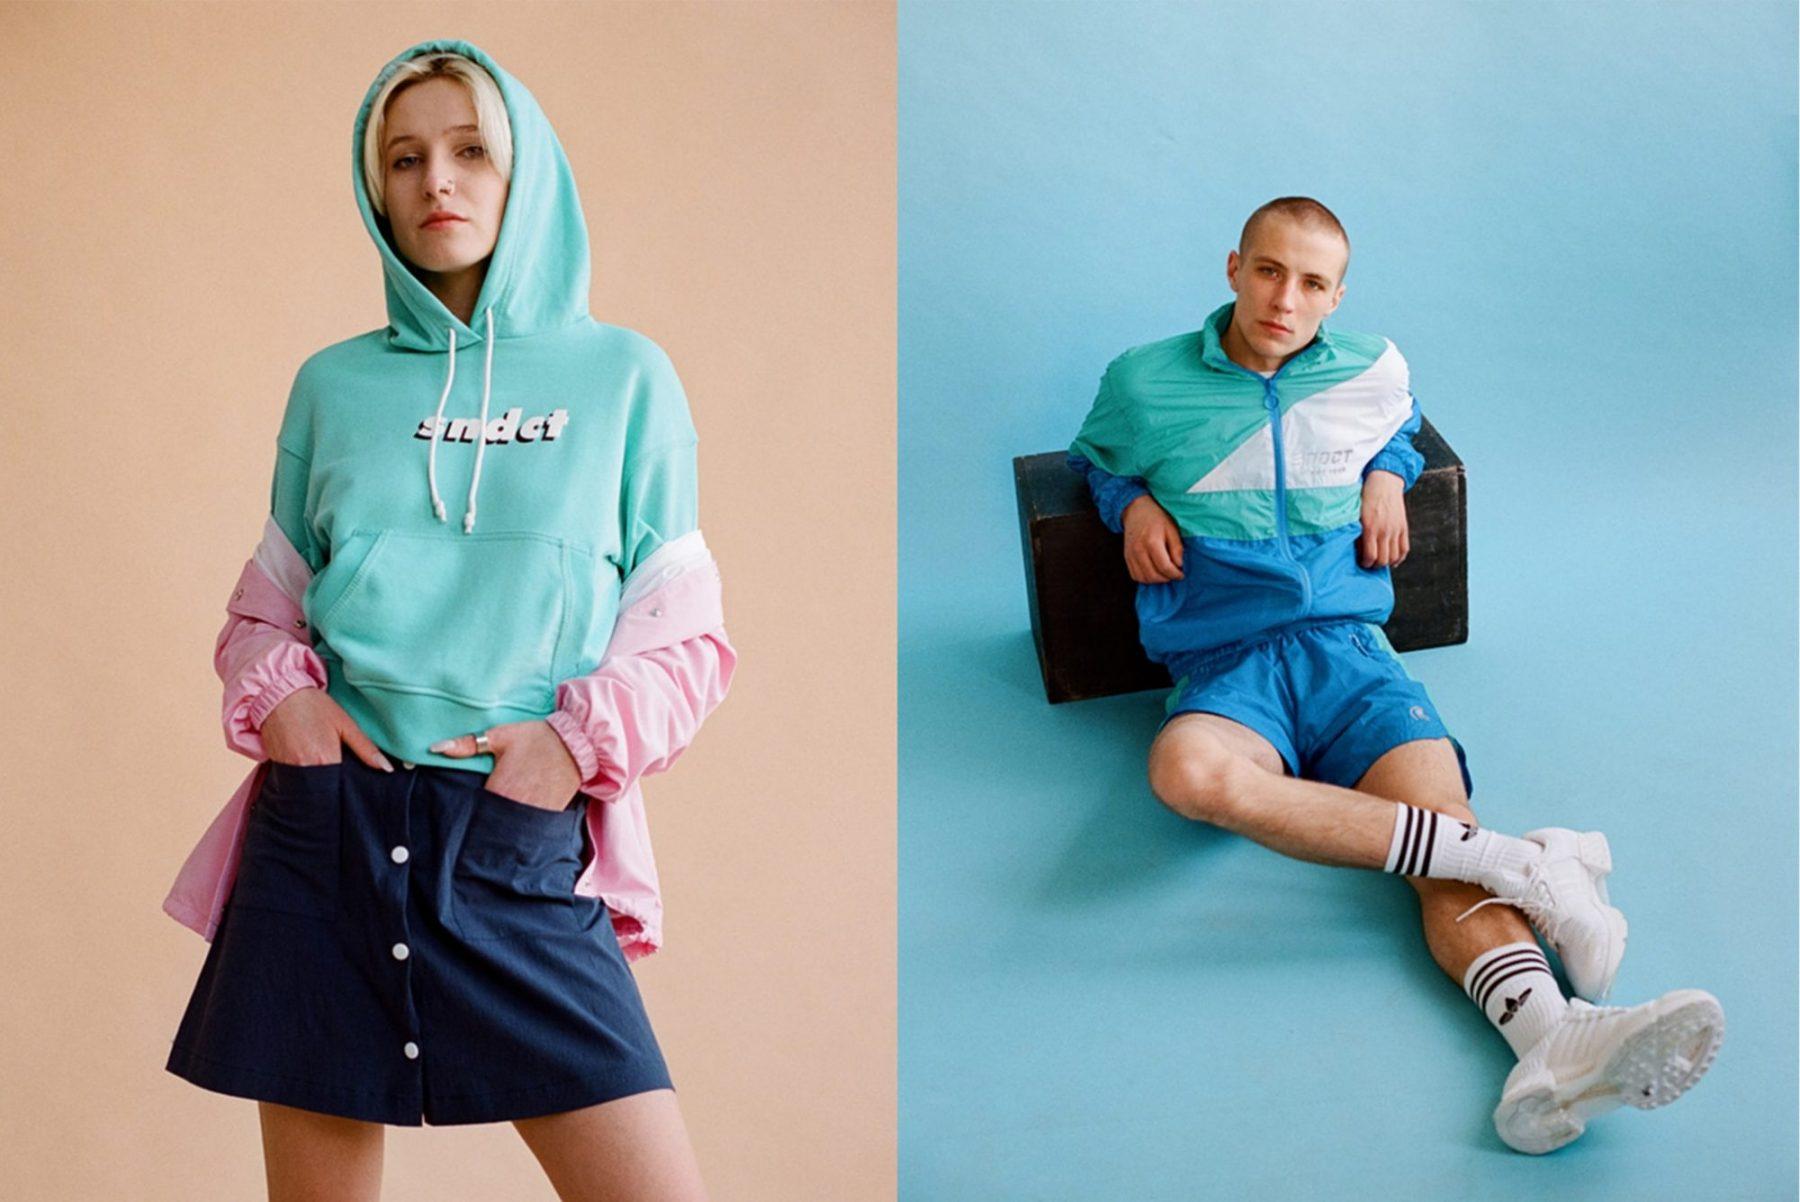 Syndicate Original traz sportswear como referência para coleção